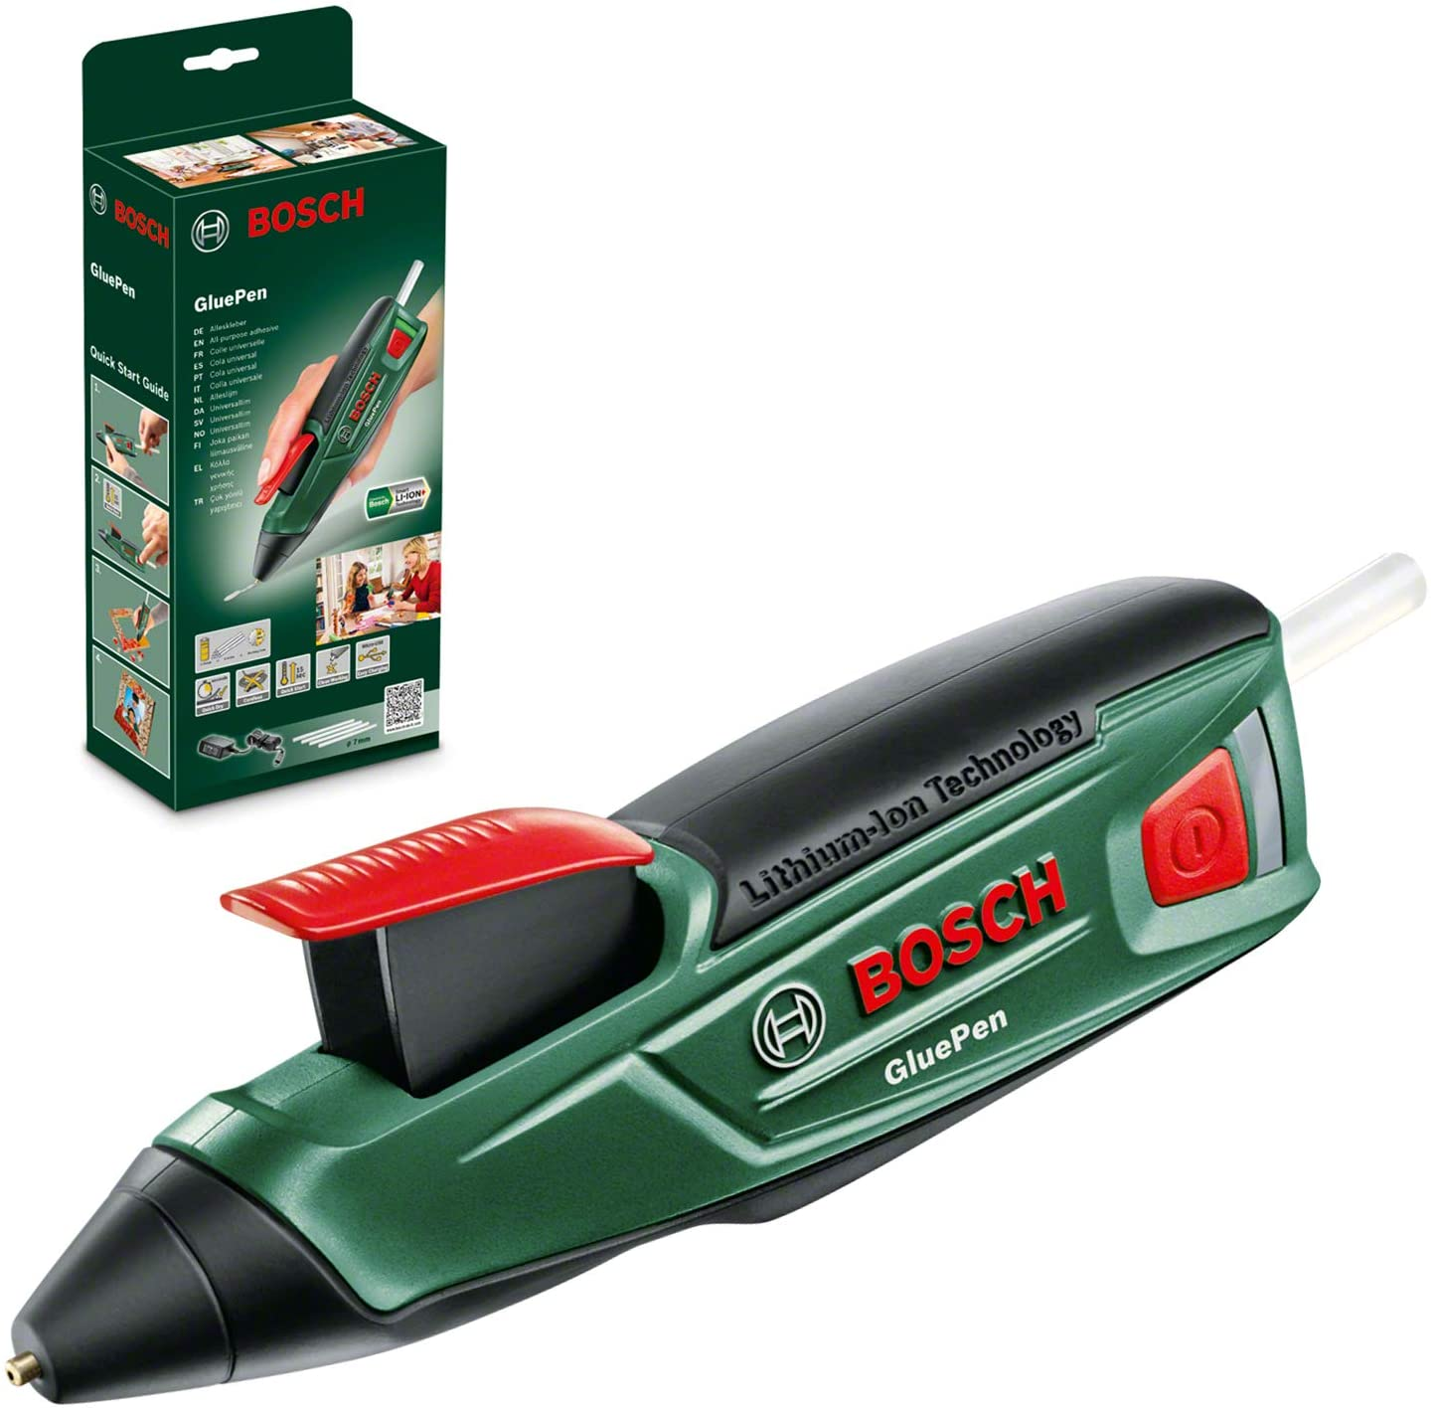 Bosch GluePen - Pistola de pegar a batería (cargador microUSB, 4 uds. de adhesivo Ultrapower, caja de cartón, 3,6V)